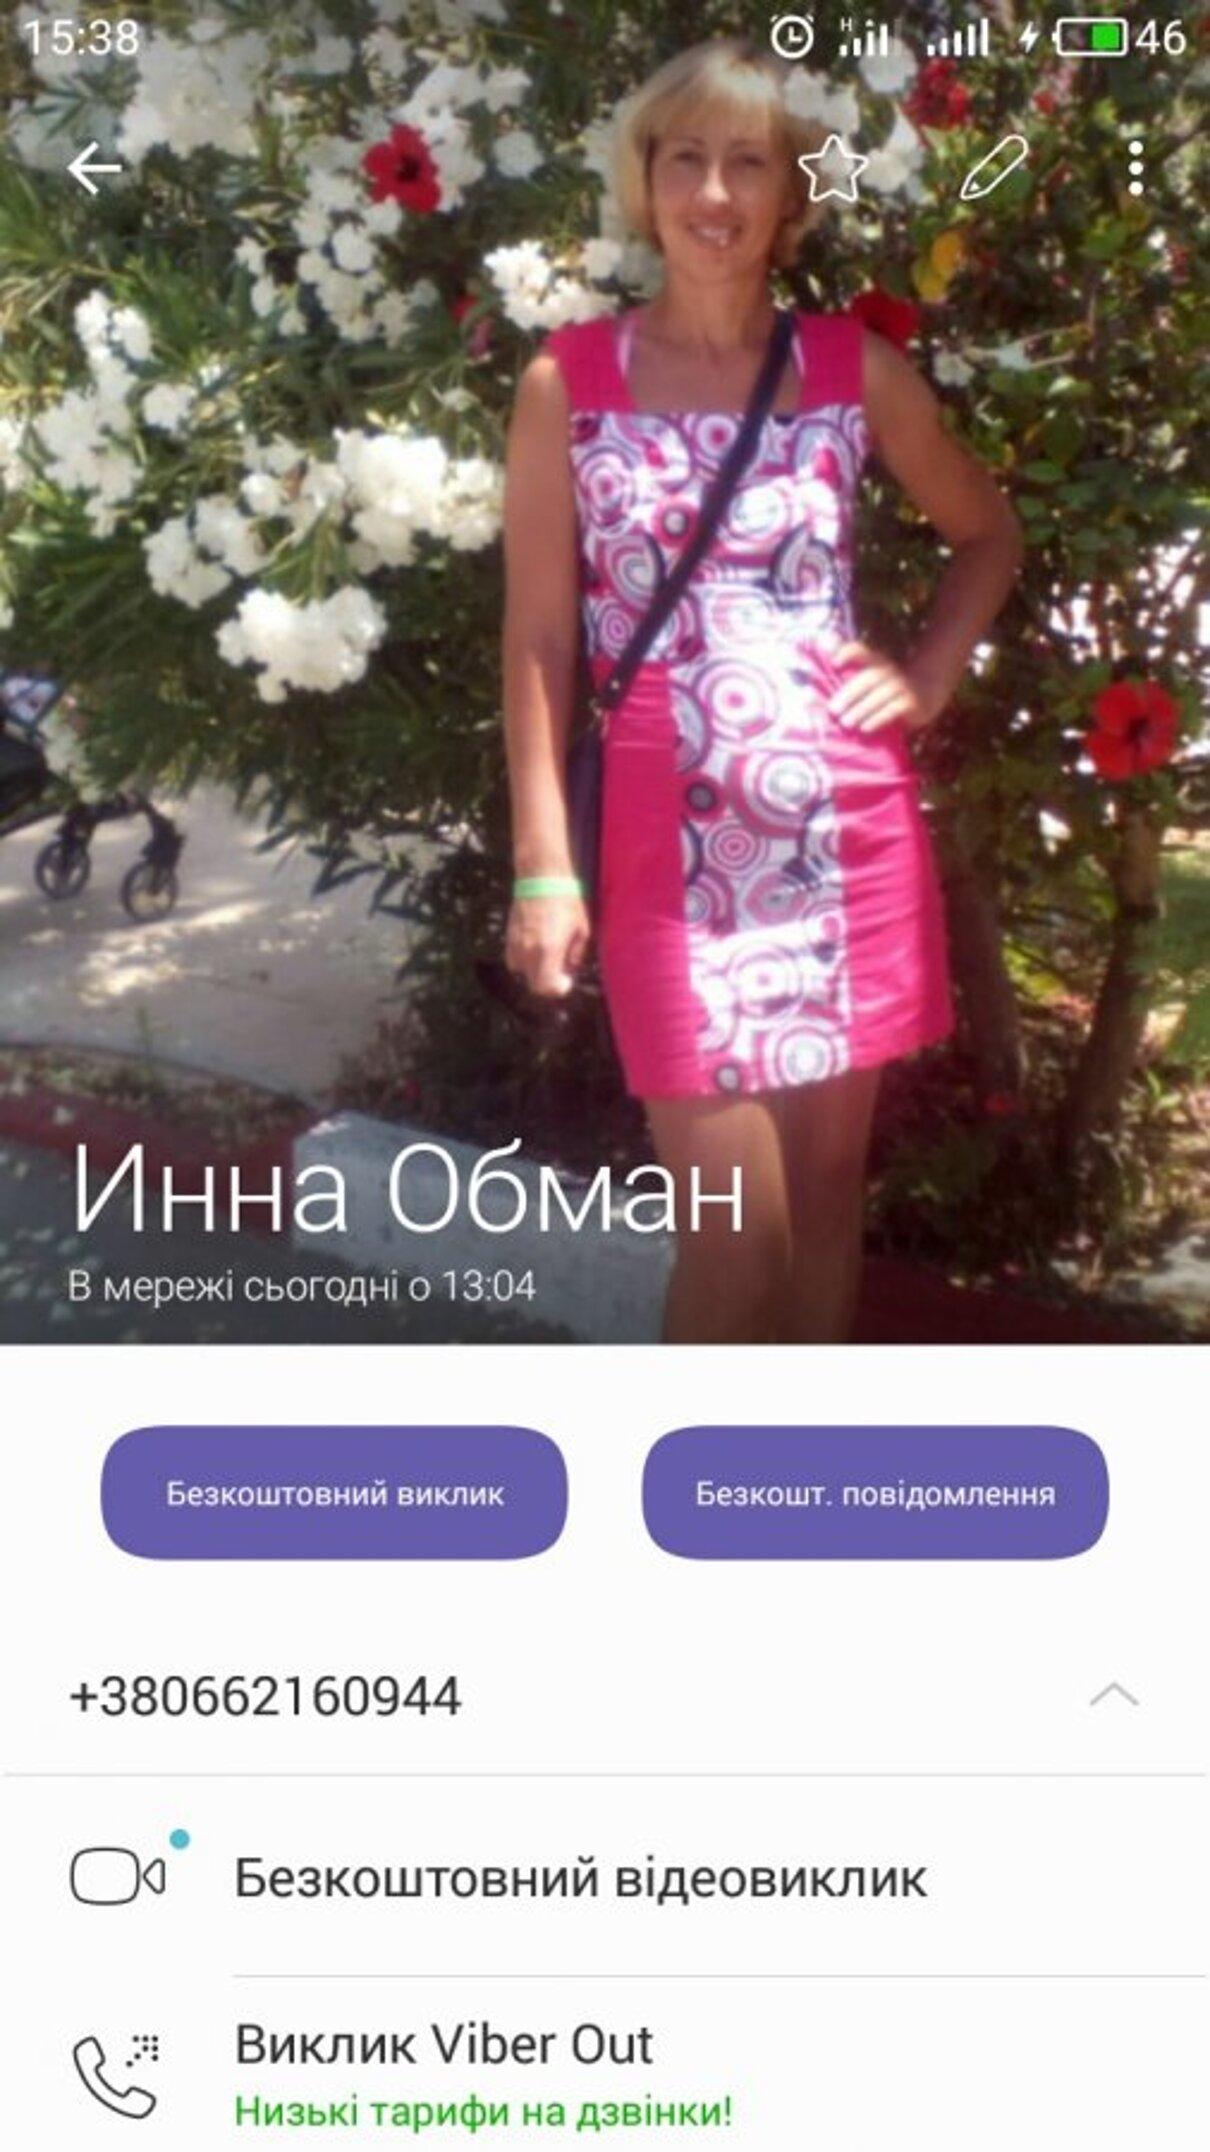 Жалоба-отзыв: Инна Дзыковская - Обман, оскарбление.  Фото №1